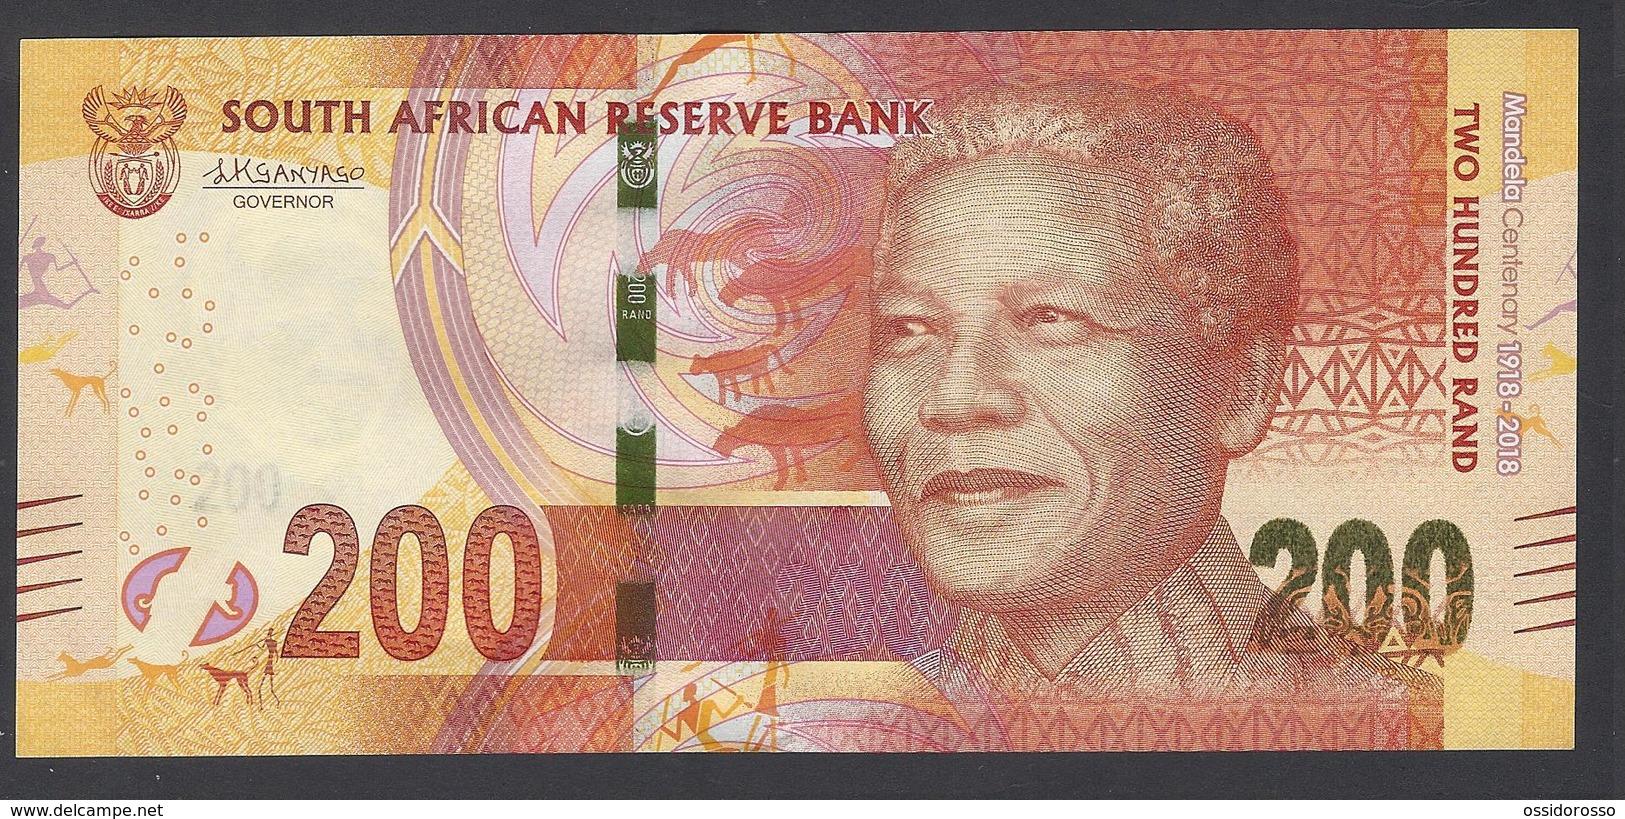 South Africa - 200 Rand -  MANDELA Centenary - 1918 - 2018 - SA0527695 E   - UNC - Afrique Du Sud